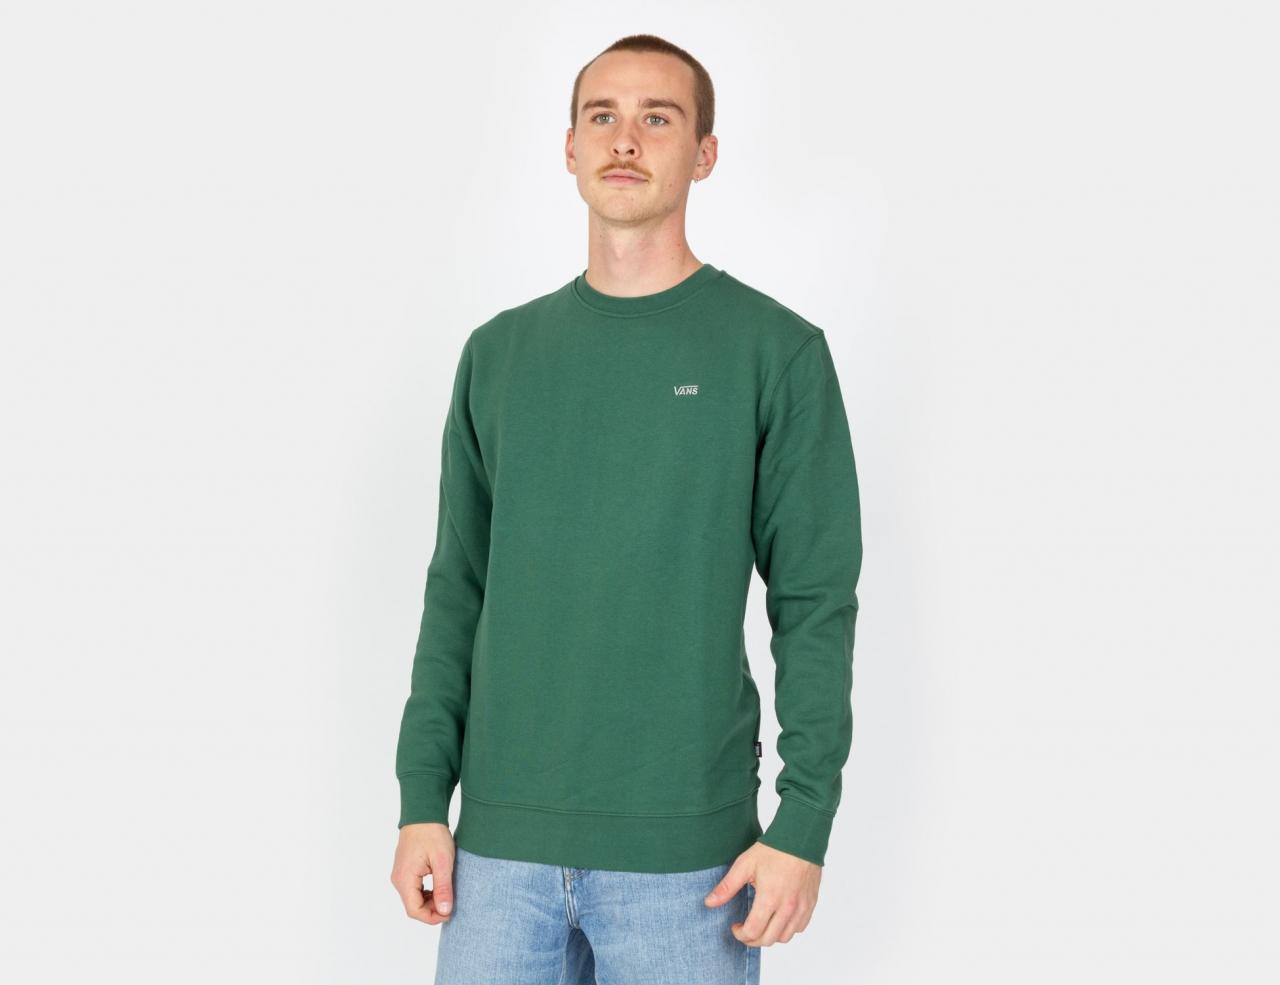 VANS Basic Crew Sweatshirt - Pine Needle